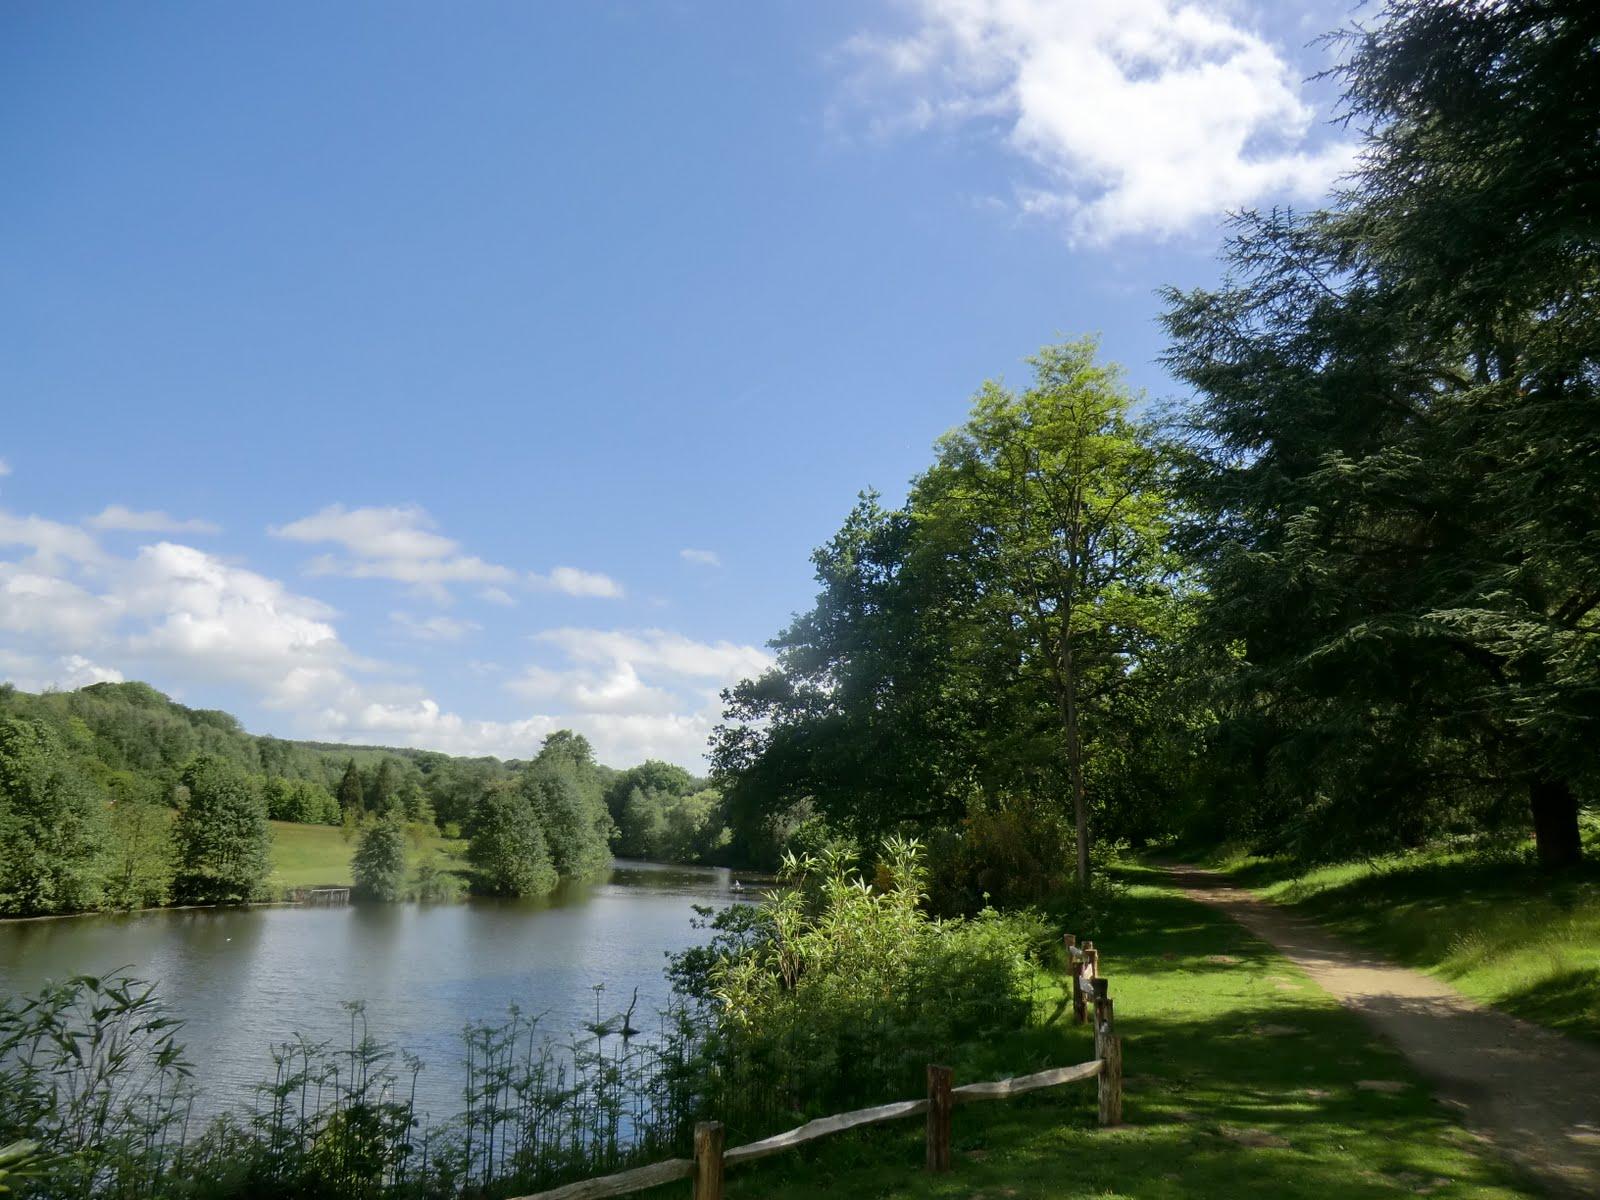 CIMG8420 Lake, Winkworth Arboretum